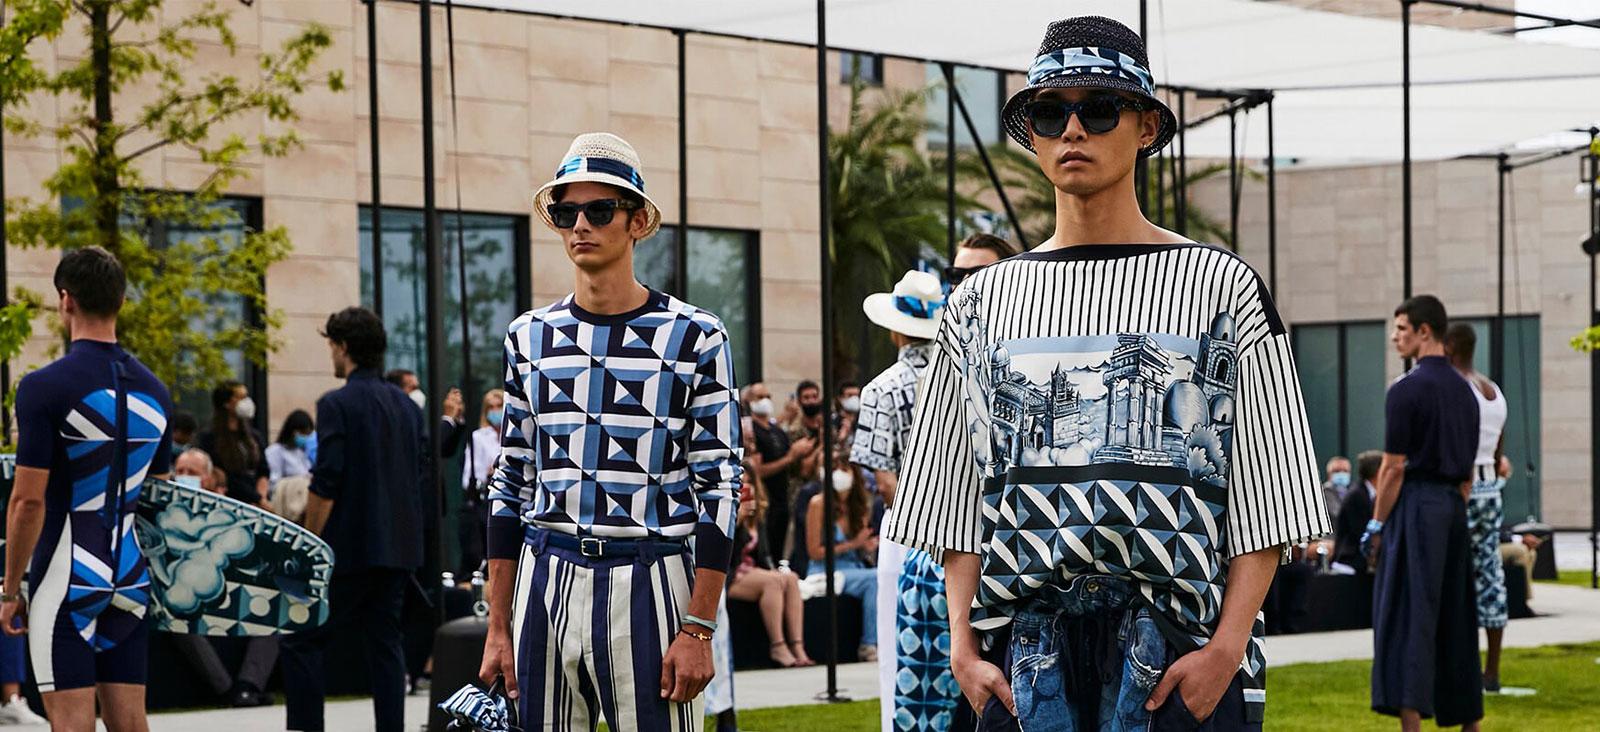 Khi kết thúc show thời trang Dolce & Gabbana, người mẫu cũng đứng khá xa nhau trên sàn diễn